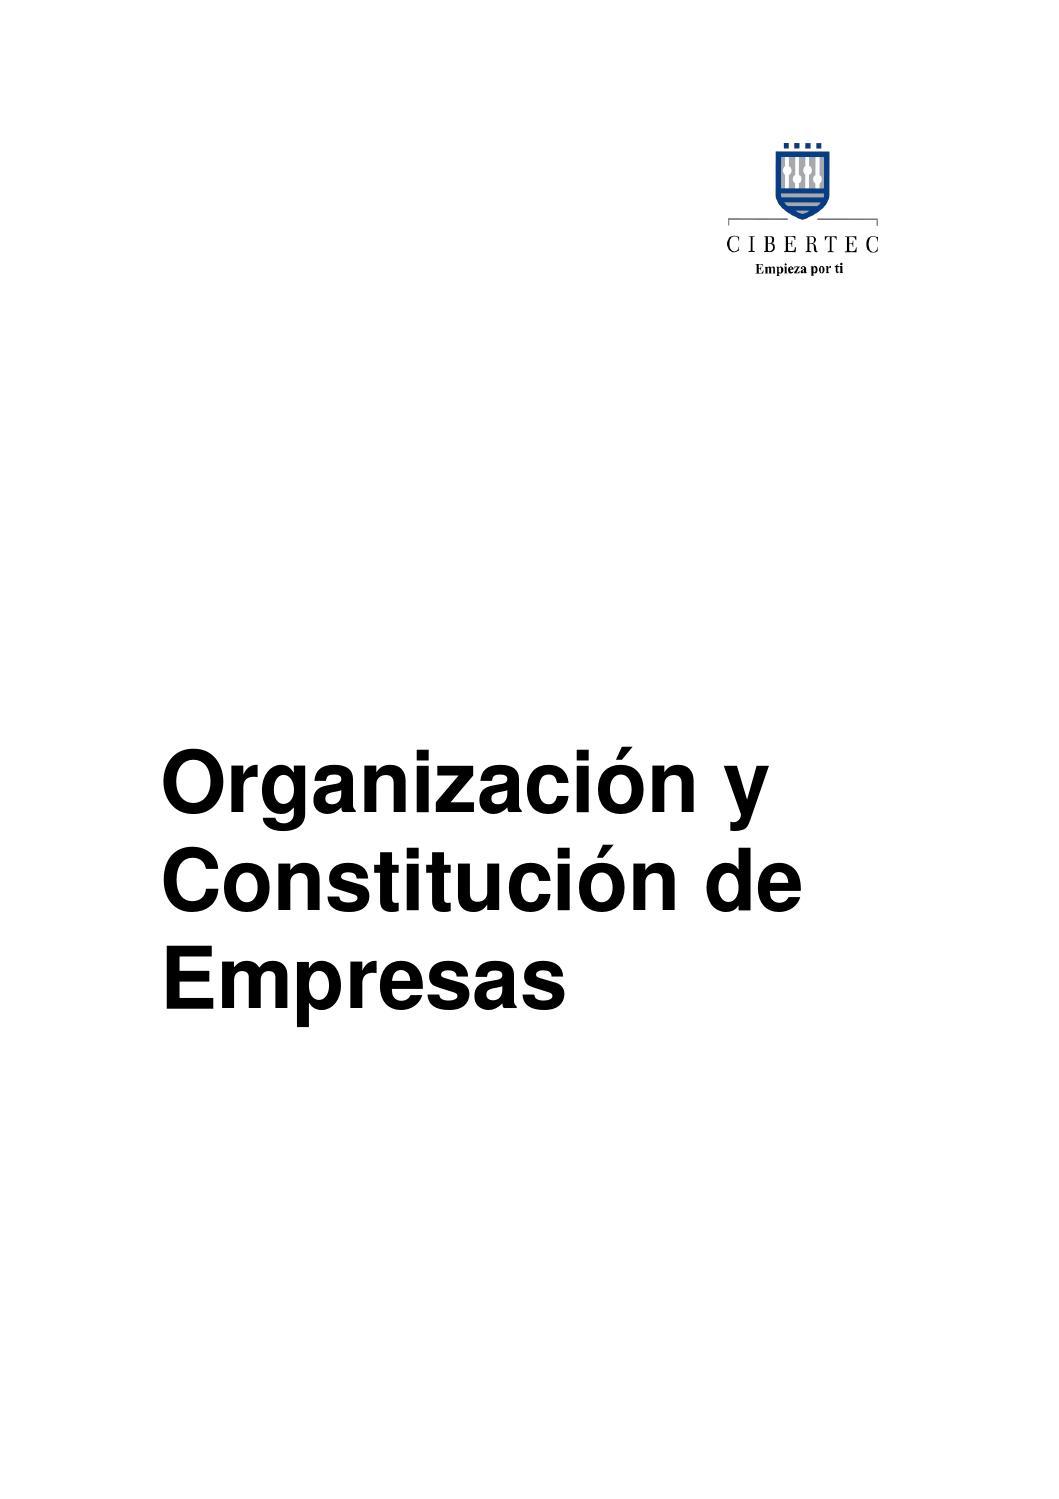 Manual Organización Y Constitución De Empresas 1622 By